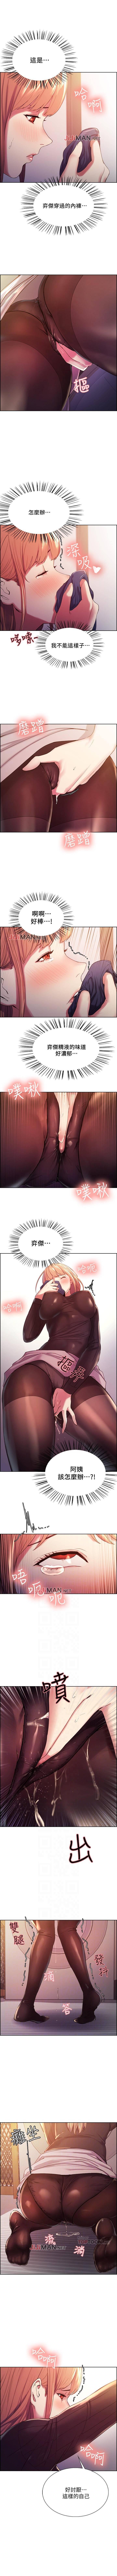 【周二连载】室友招募中(作者:Serious) 第1~15话 37